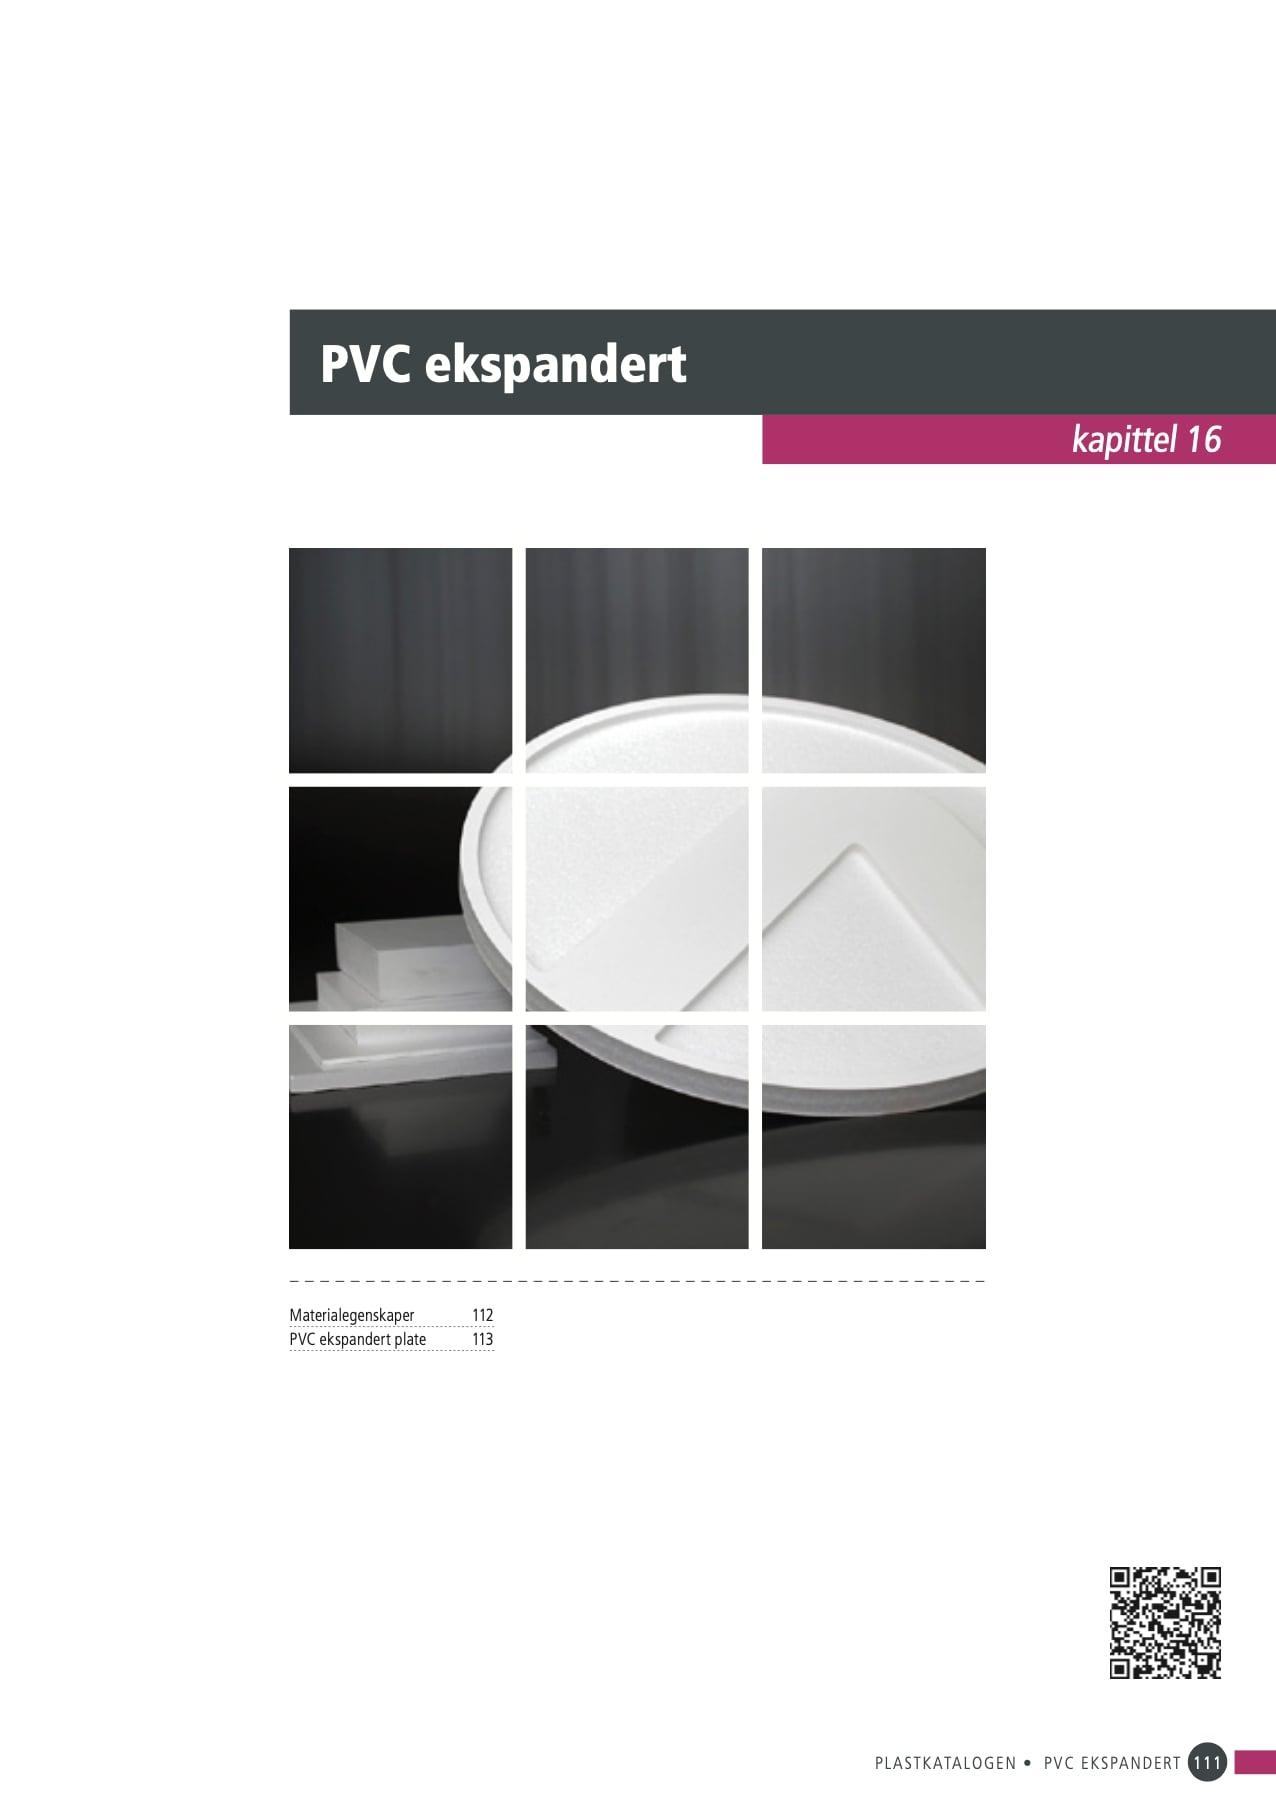 16. PVC ekspandert